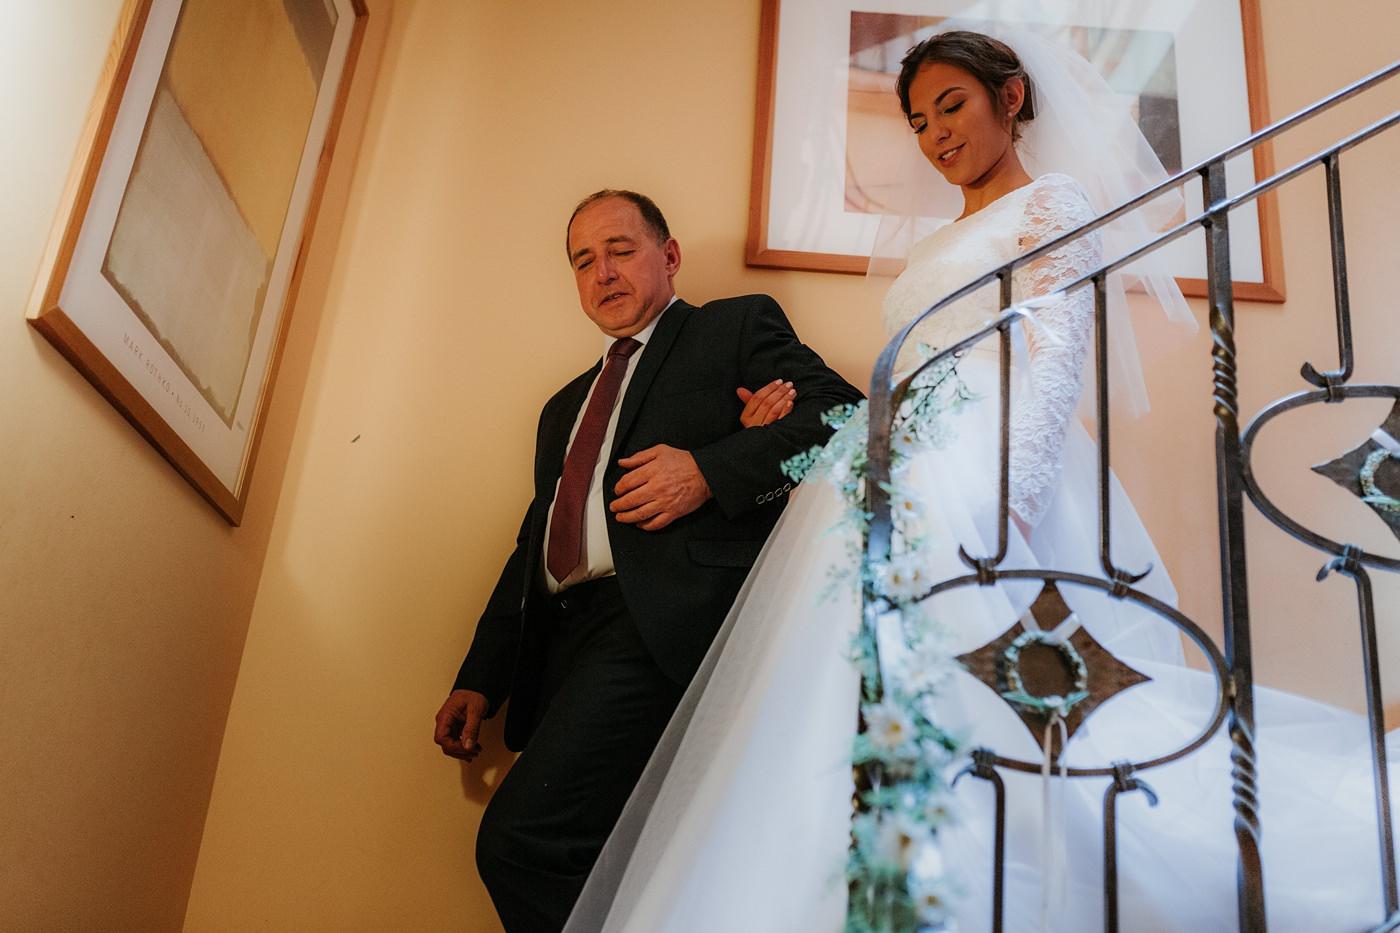 Dominika & Aleksander - Rustykalne wesele w stodole - Baborówko 20